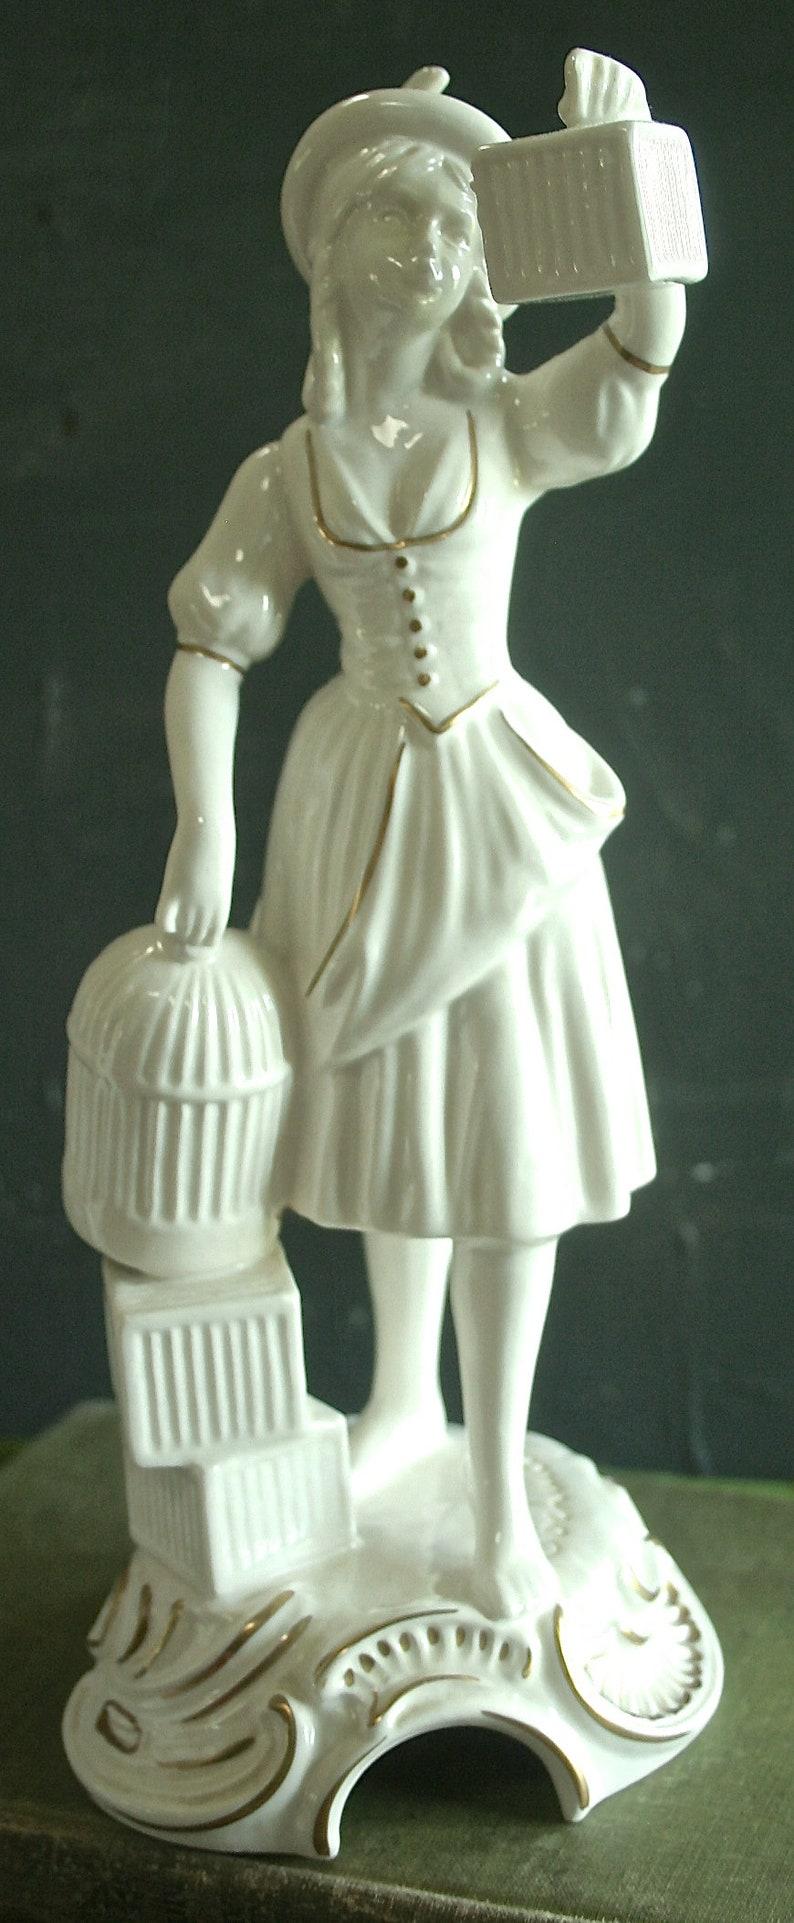 Robinson Ransbottom datazione di ceramica